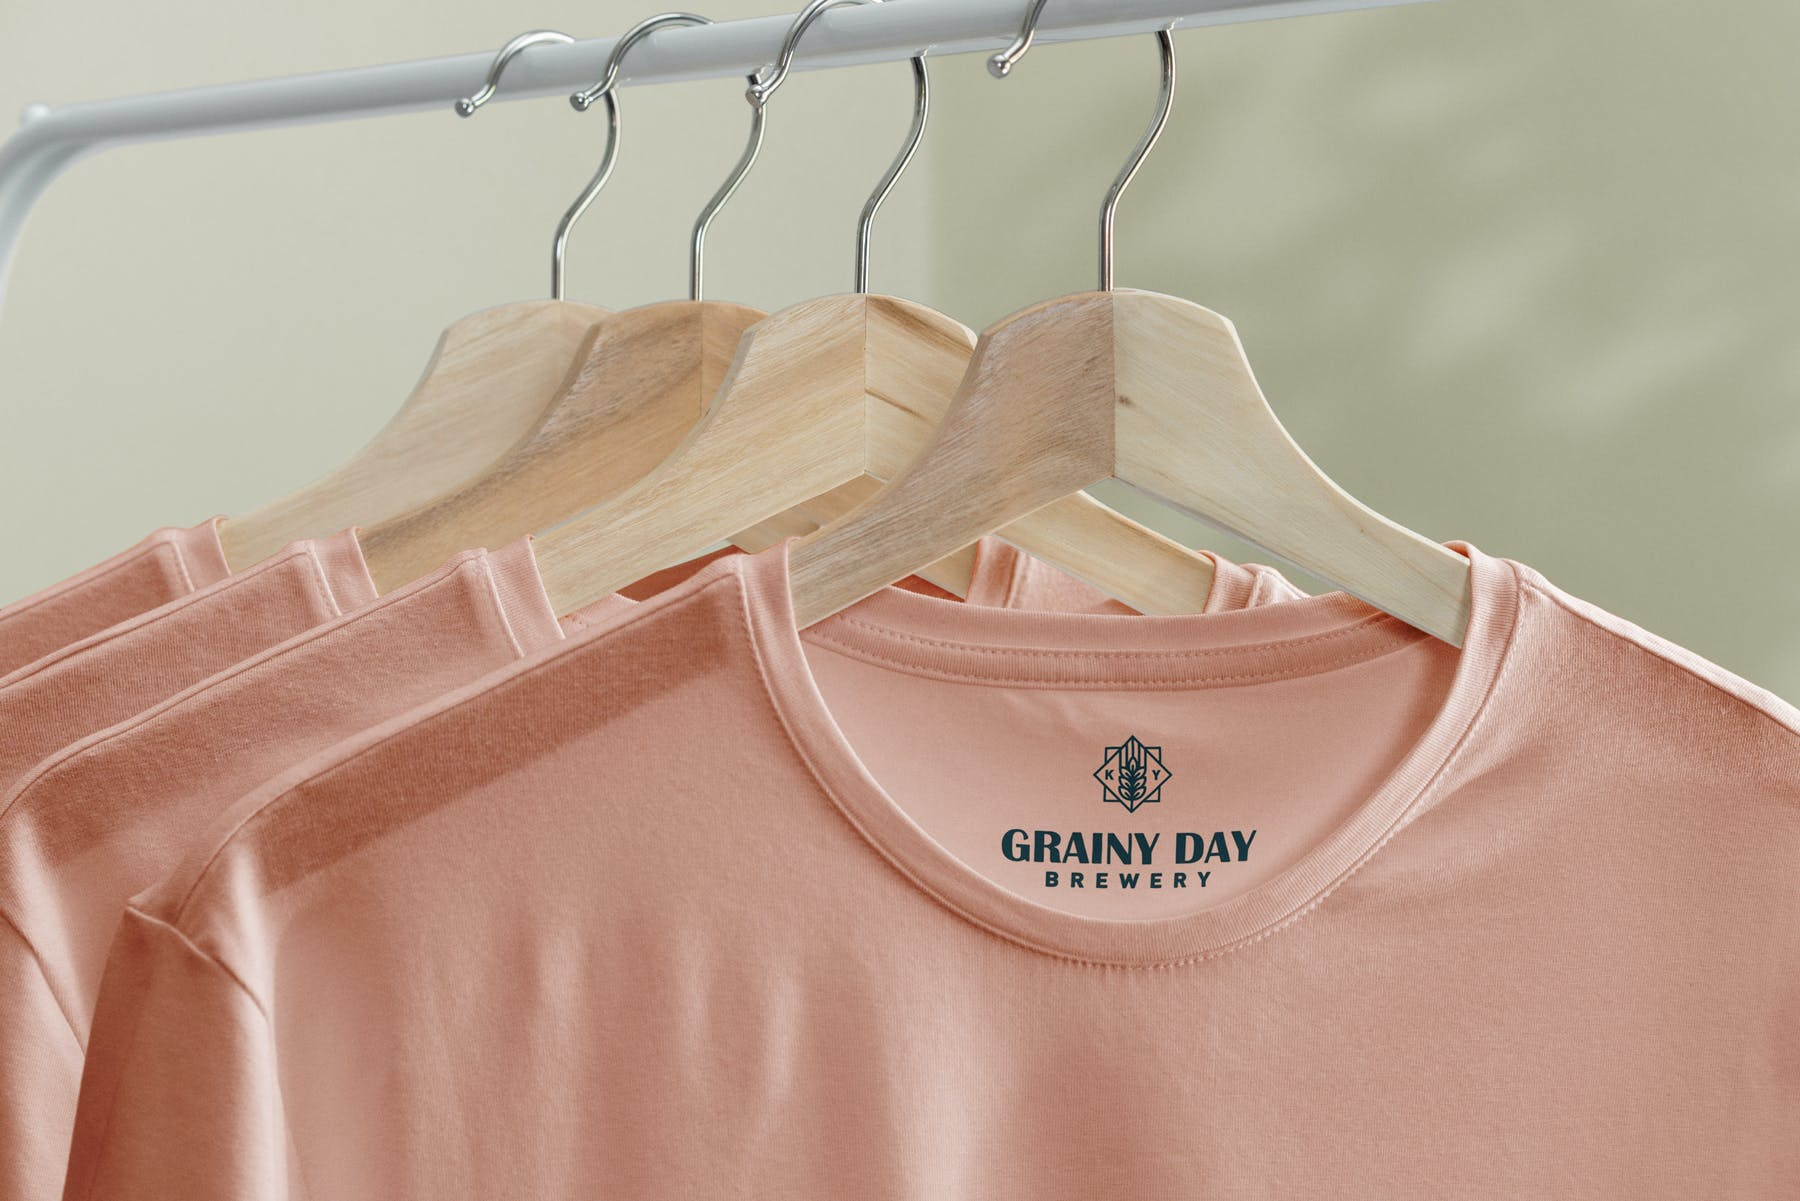 简约衣架T恤样机模型素材下载EG7YRL5插图(1)